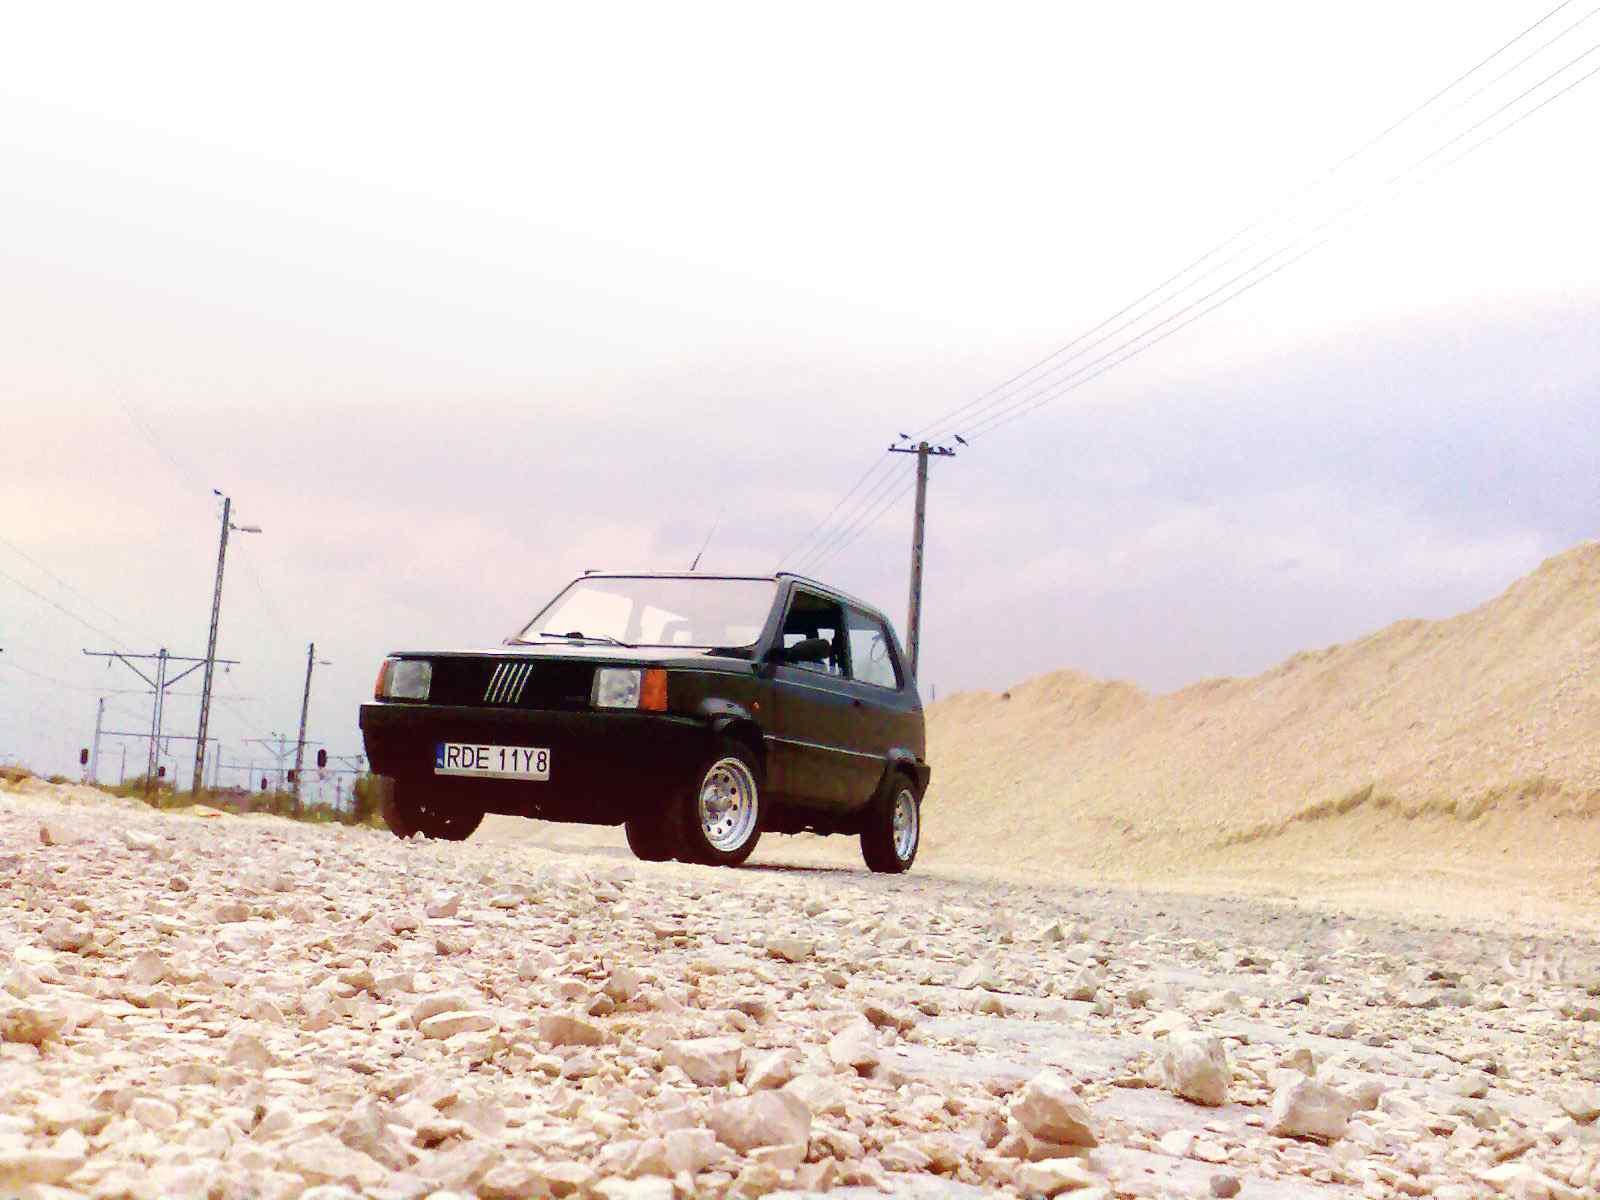 菲亚特Fiat500汽车壁纸 菲亚特熊猫汽车壁纸